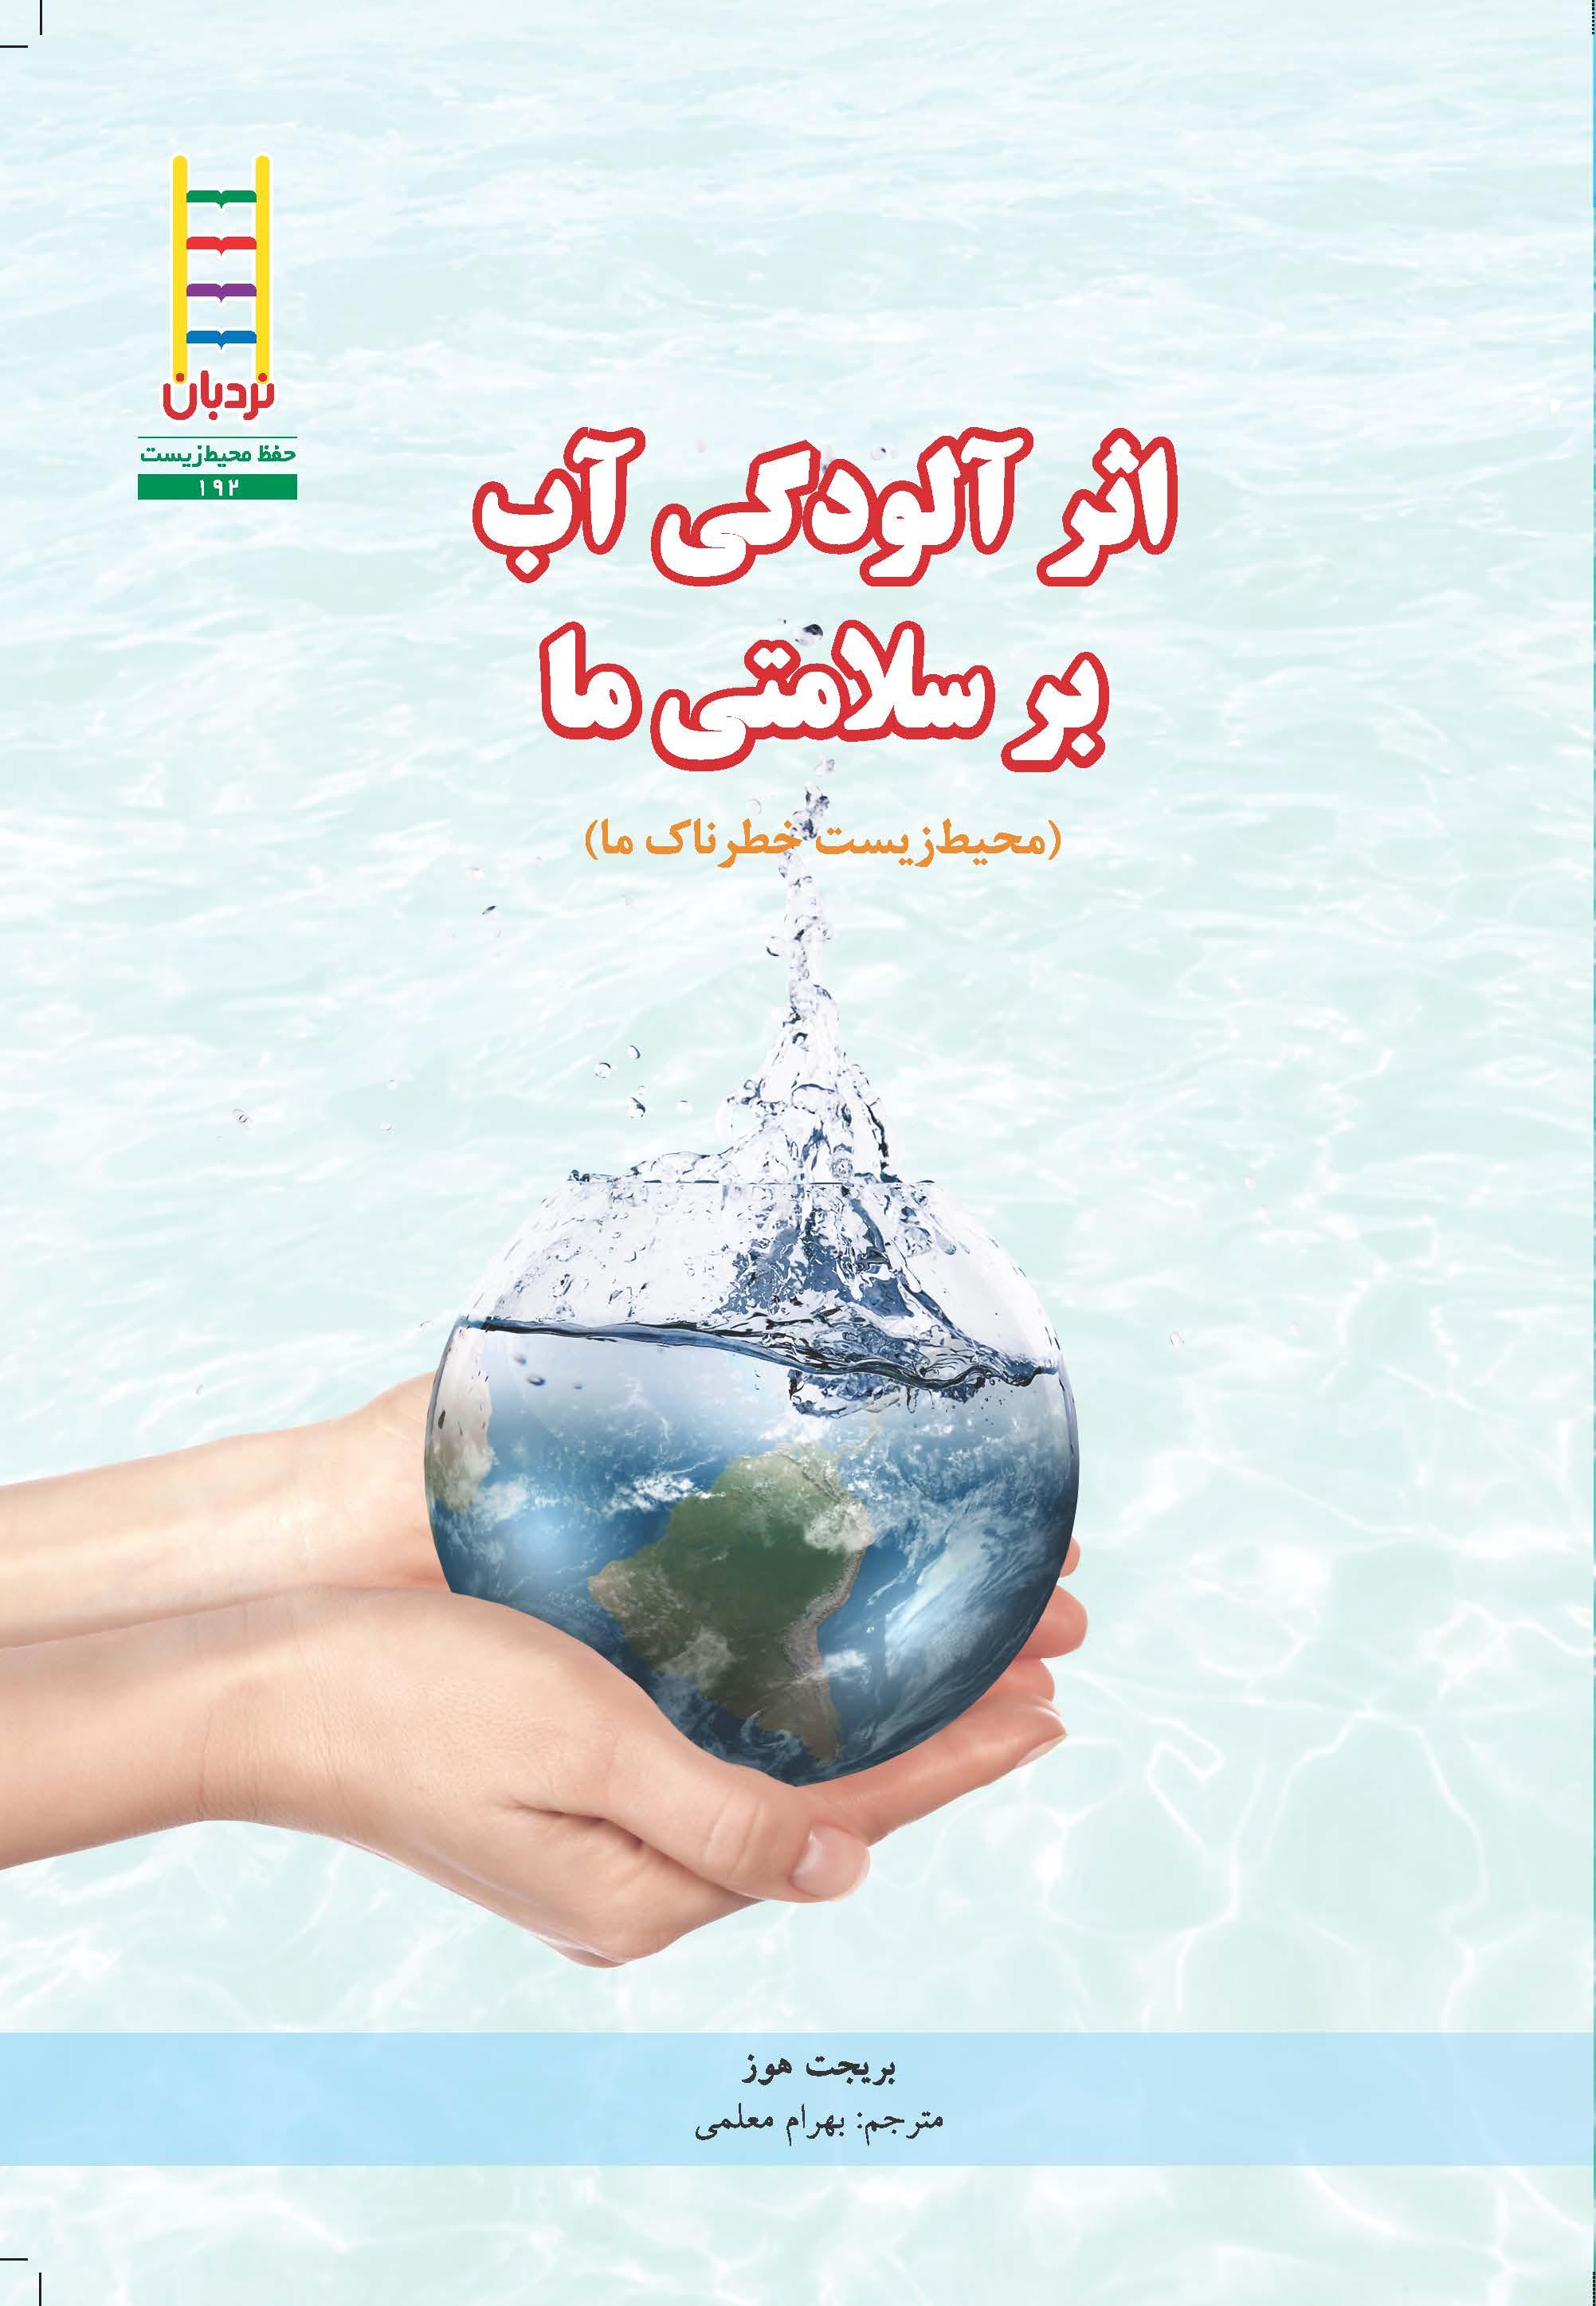 حامیان آب - کتاب اثر آلودگی آب بر سلامتی